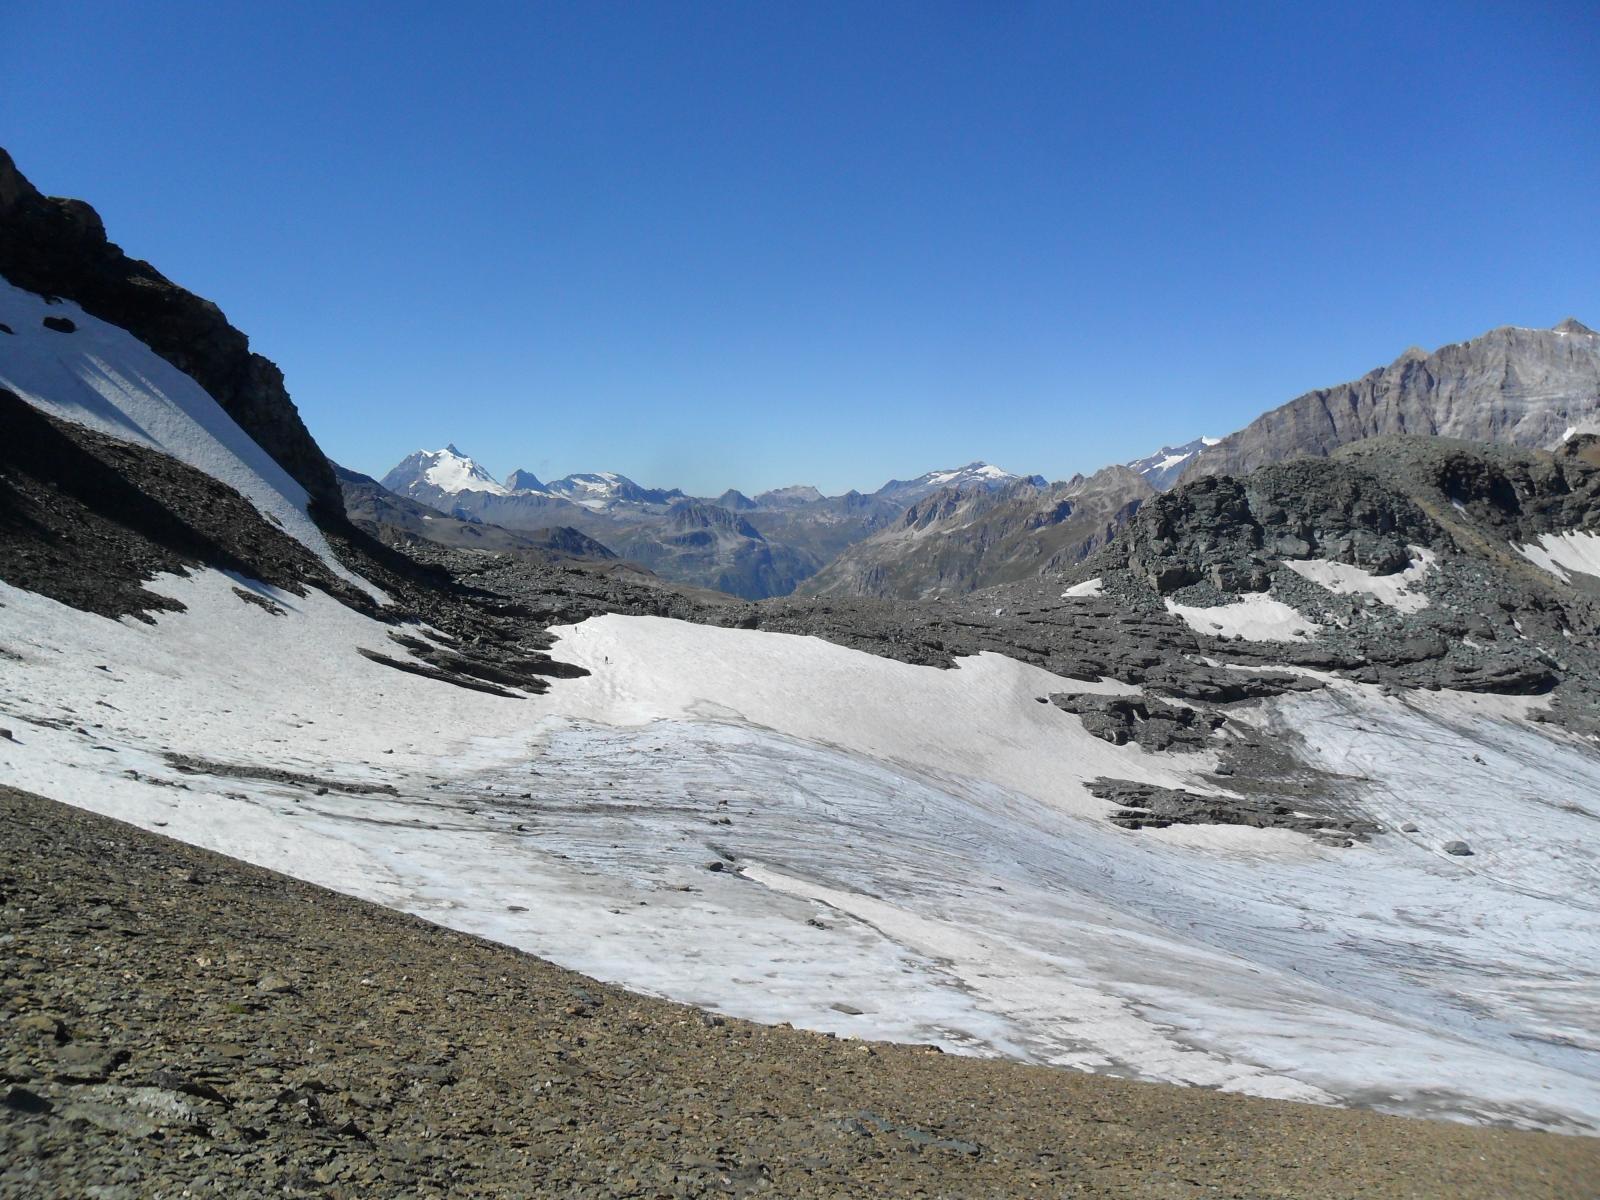 Il ghiacciaio al Passo della Vacca